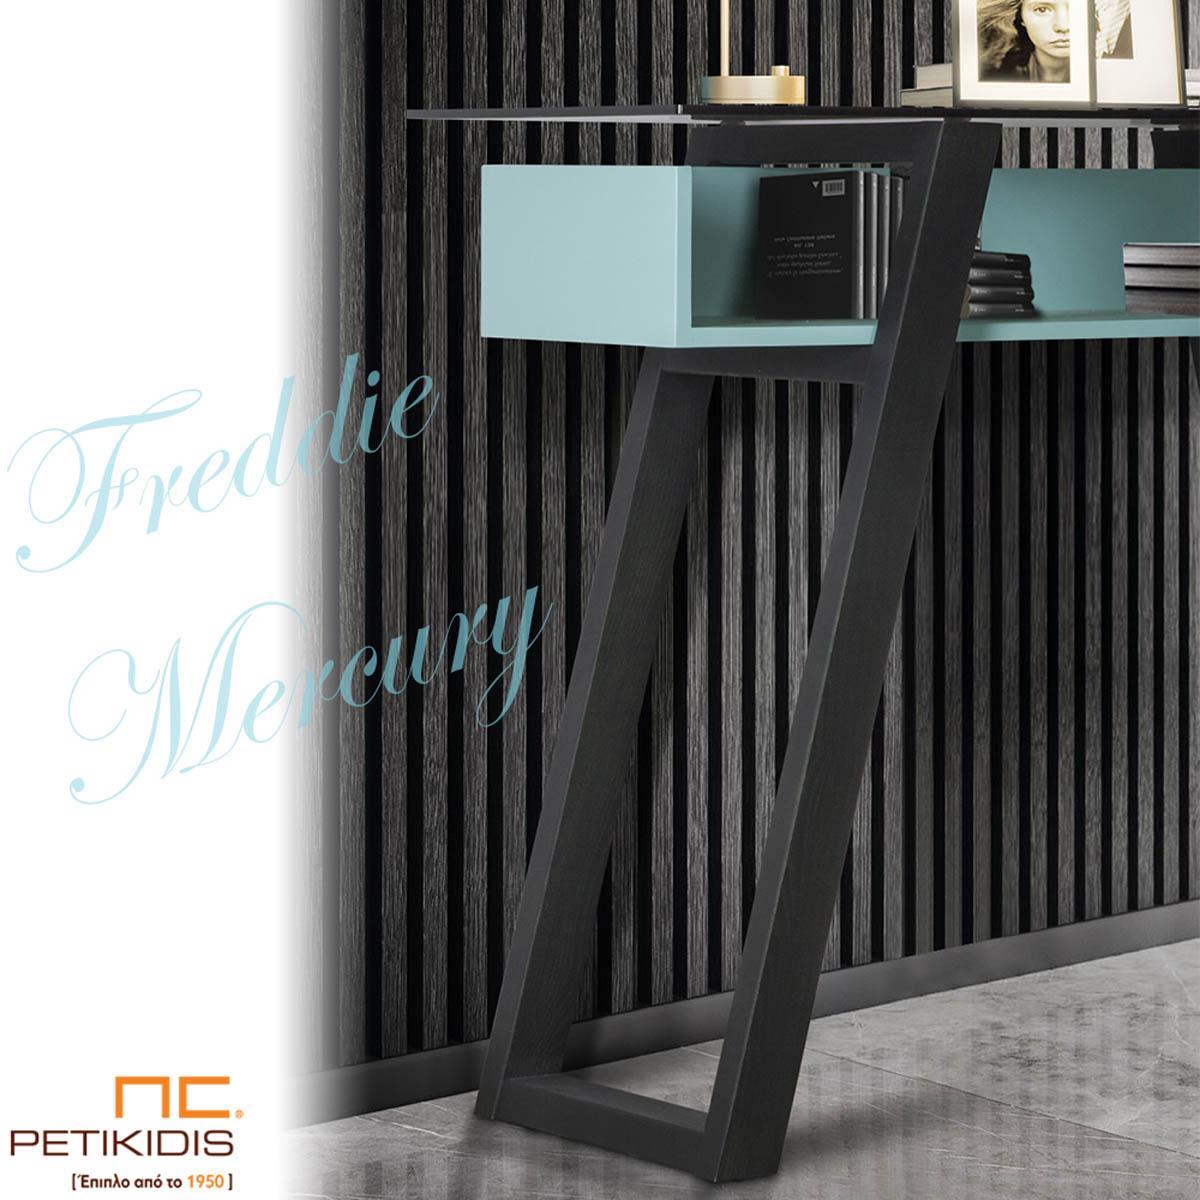 Κονσόλα Freddie σε συνδυασμό ξύλου, λάκας και γυαλιού. Απόλυτα χρηστικό και minimal δίνει την δική του «νότα» στον χώρο που θα το τοποθετήσετε. Λεπτομέρεια.